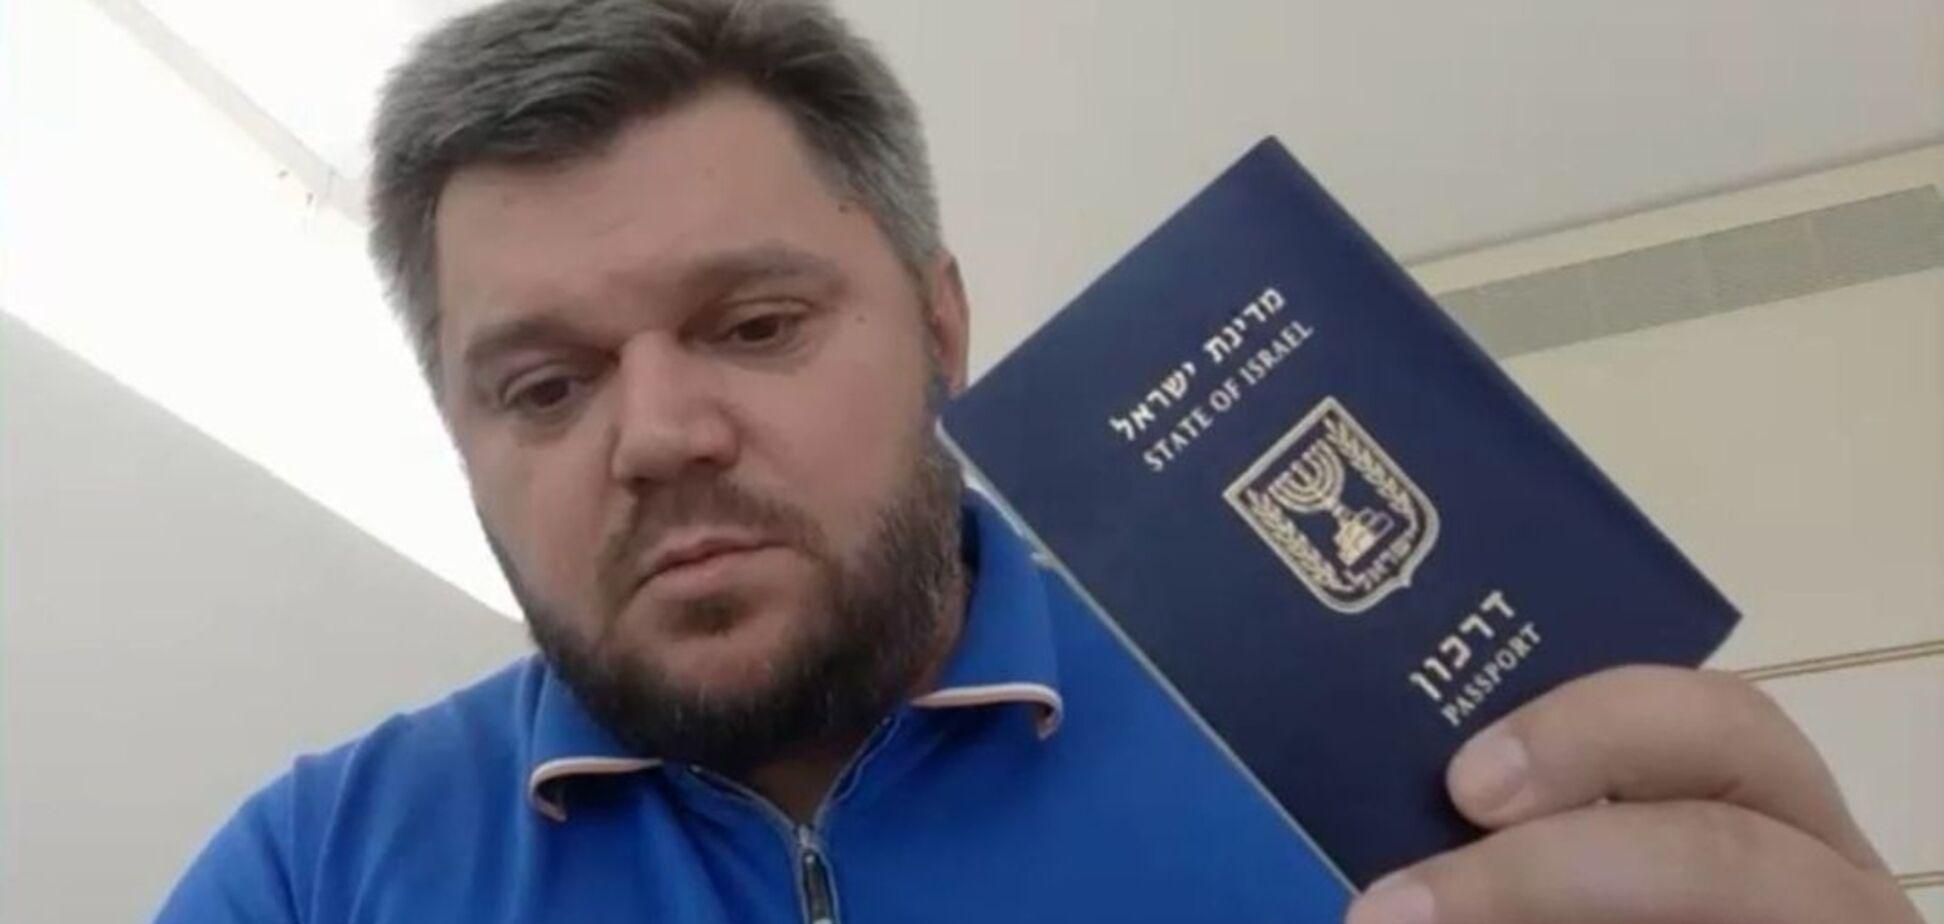 Втікач та екс-соратник Януковича попався на брехні з громадянством: Луценко розкрив деталі